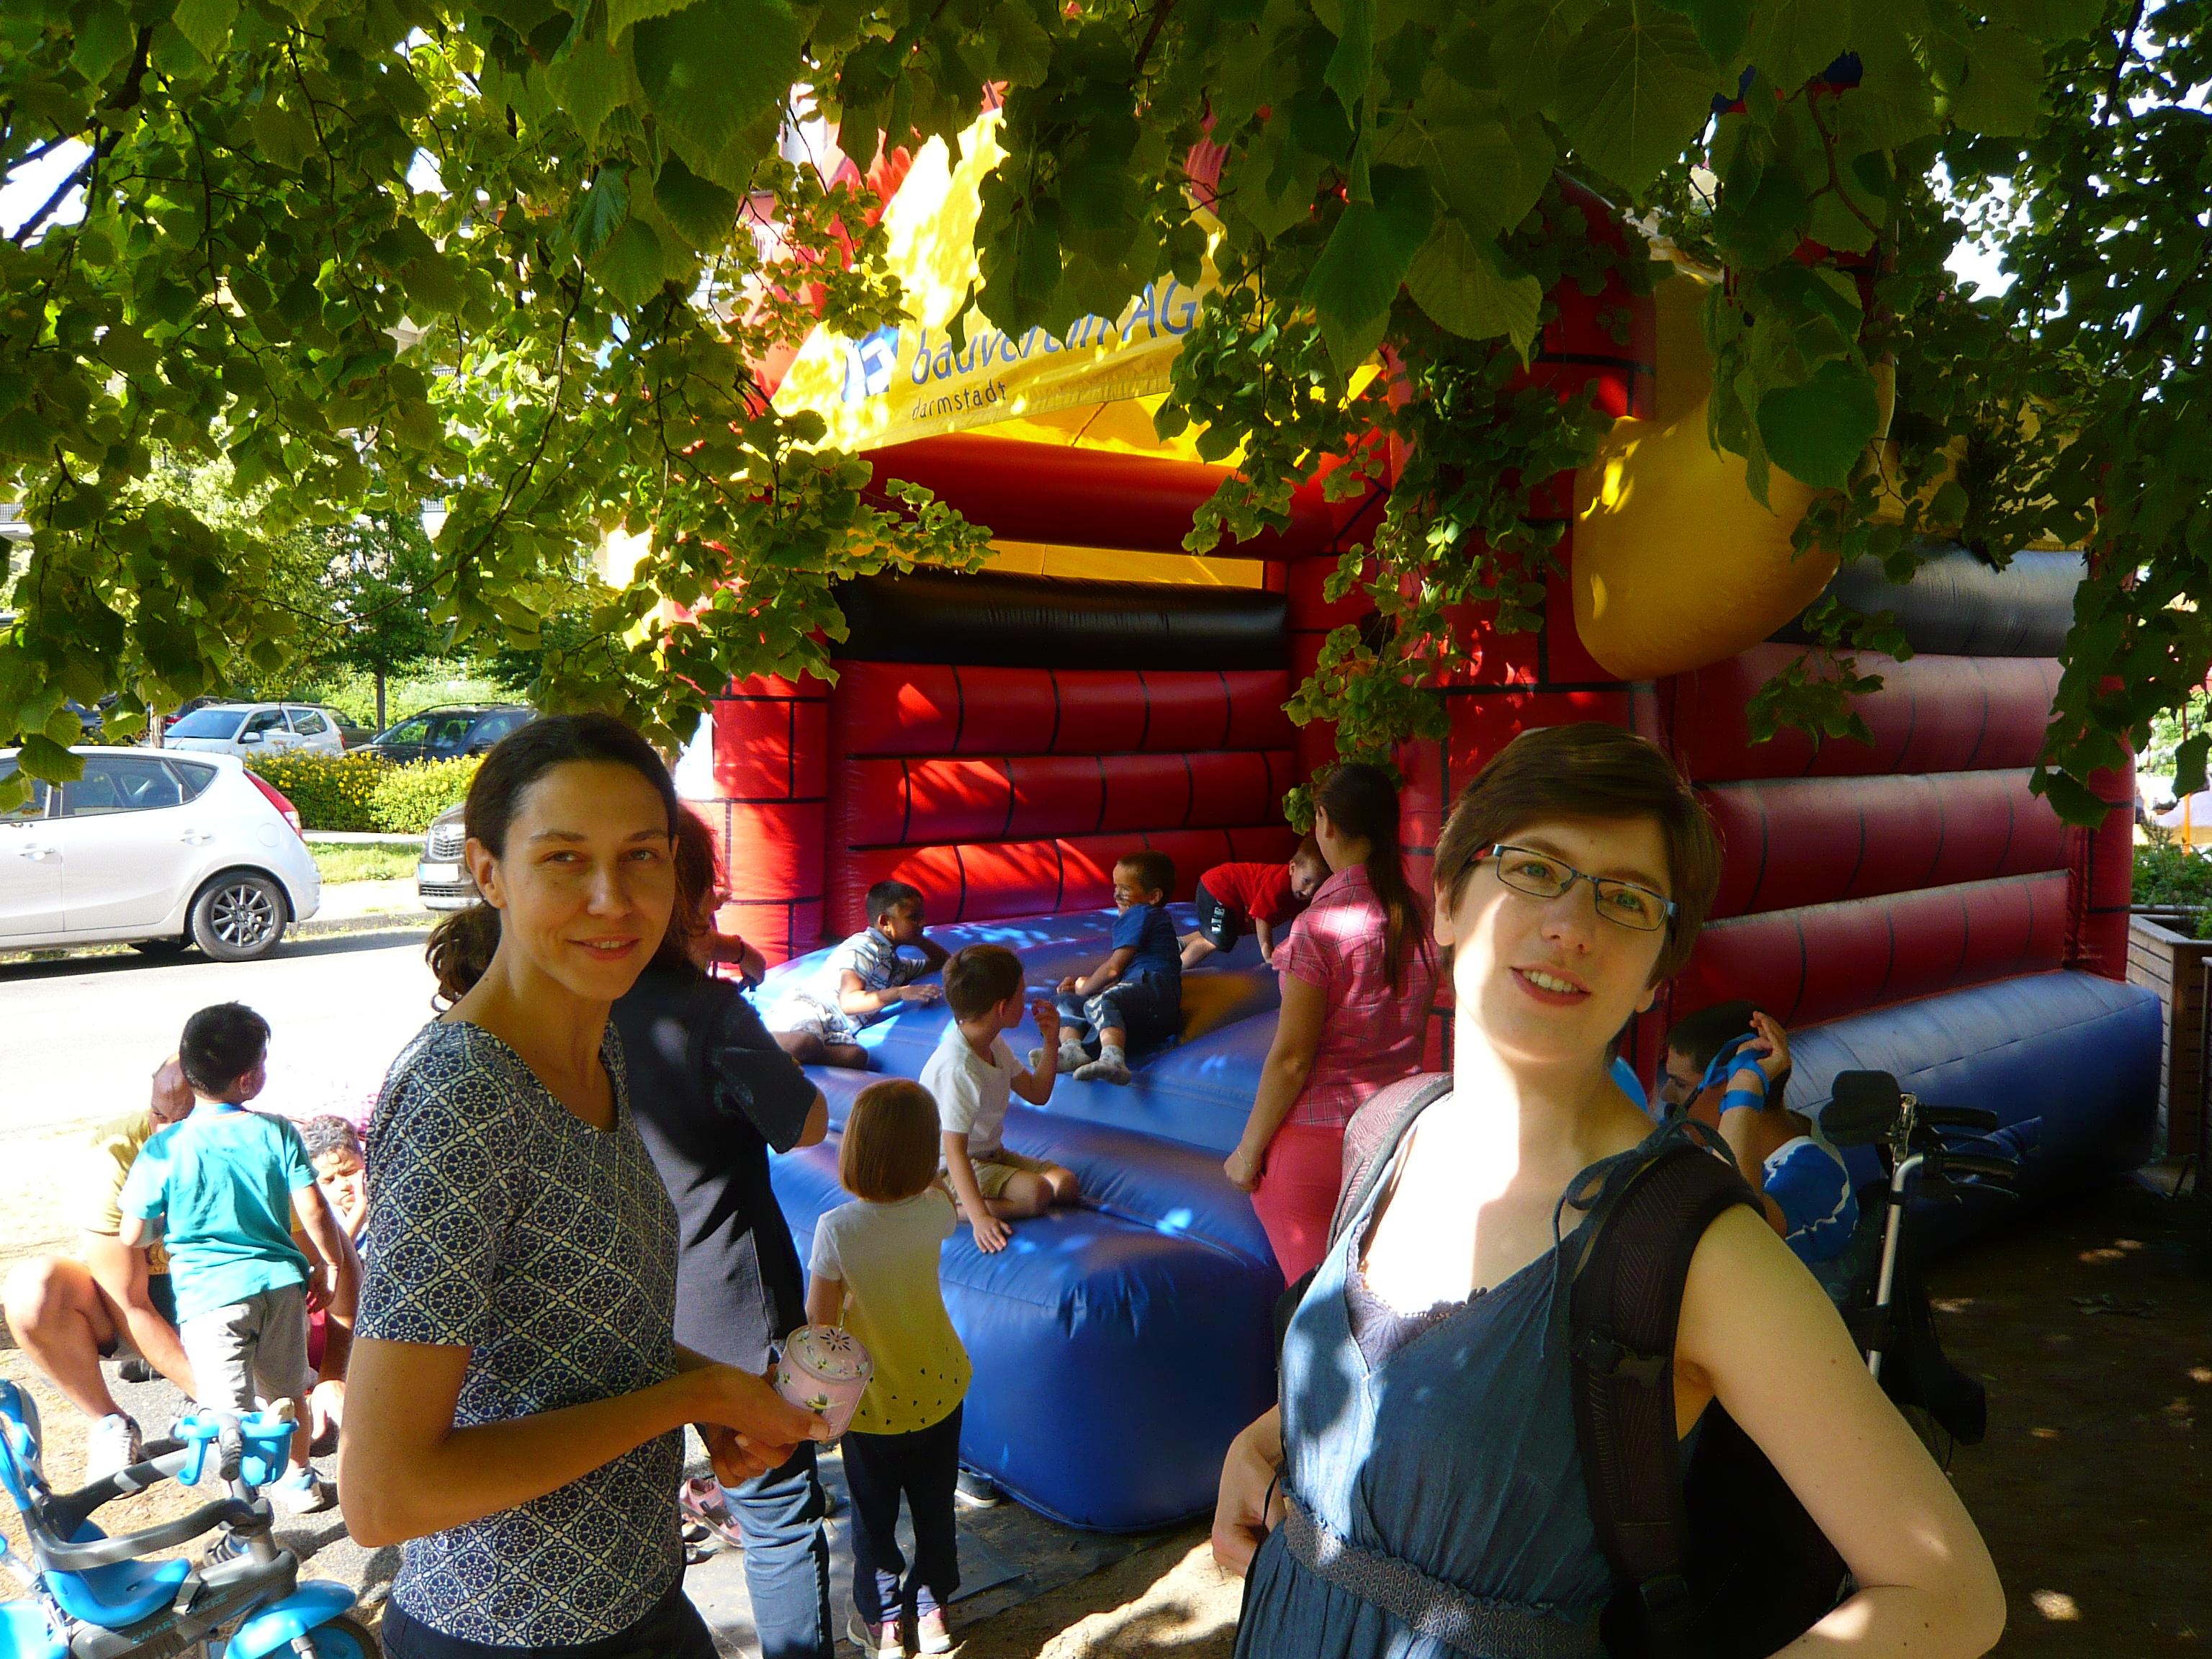 Postsiedlungs-Sommerfest am 13.06.2020 entfällt – Biotop-Einweihung wird nachgeholt!